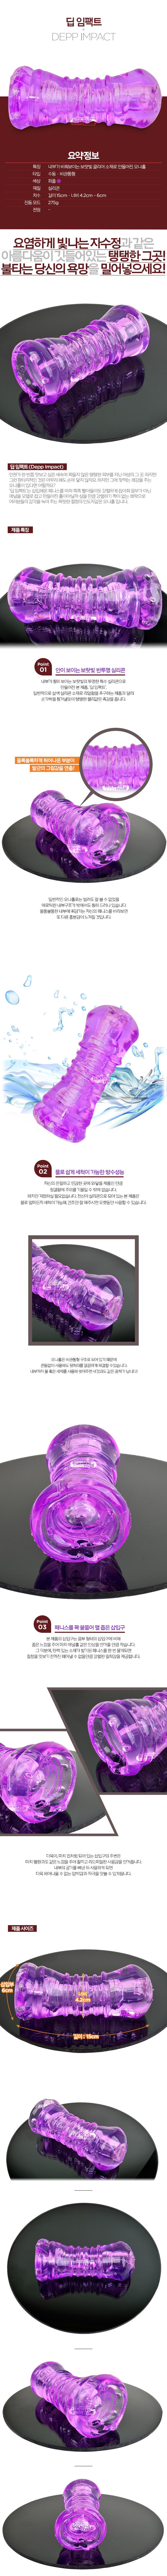 [강력 조임] 딥 임팩트(Depp Impact) - 00306